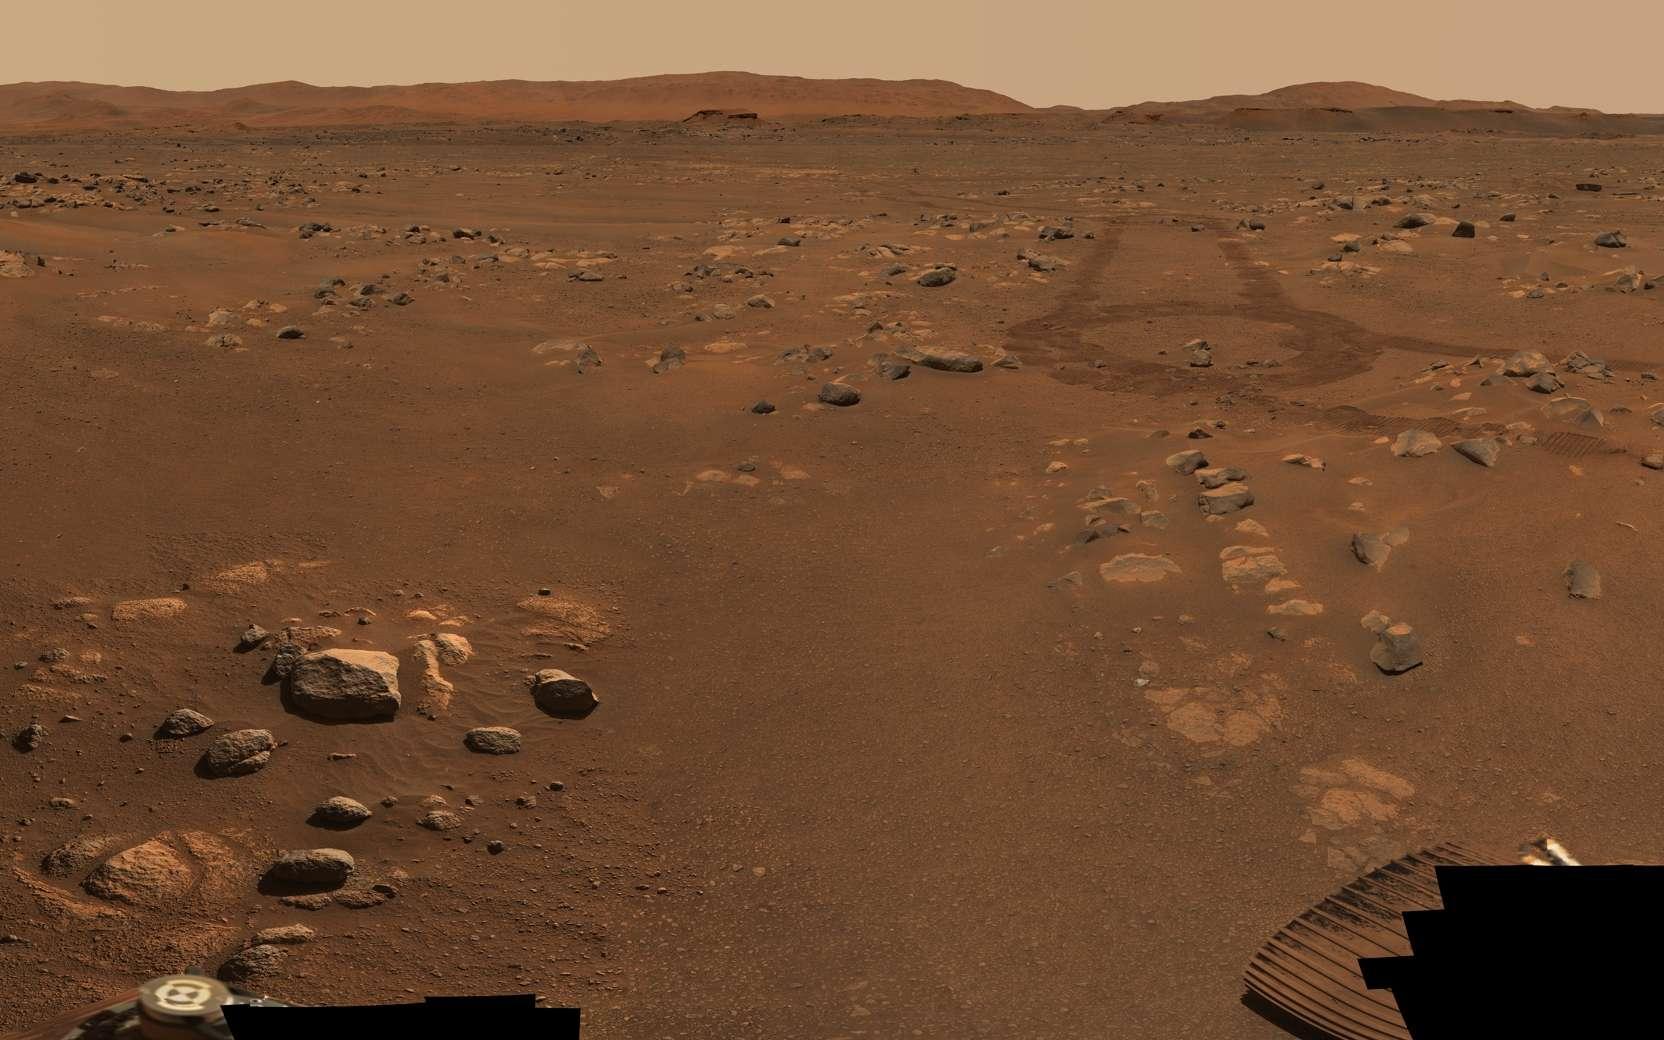 Extrait du magnifique panorama à 360° nommé « Van Zyl Overlook » capturé par Perseverance entre le 15 et le 26 avril 2021. Il est composé de 992 photos individuelles prises par l'œil droit de la Mastcam-Z. © Nasa, JPL-Caltech, ASU, MSSS